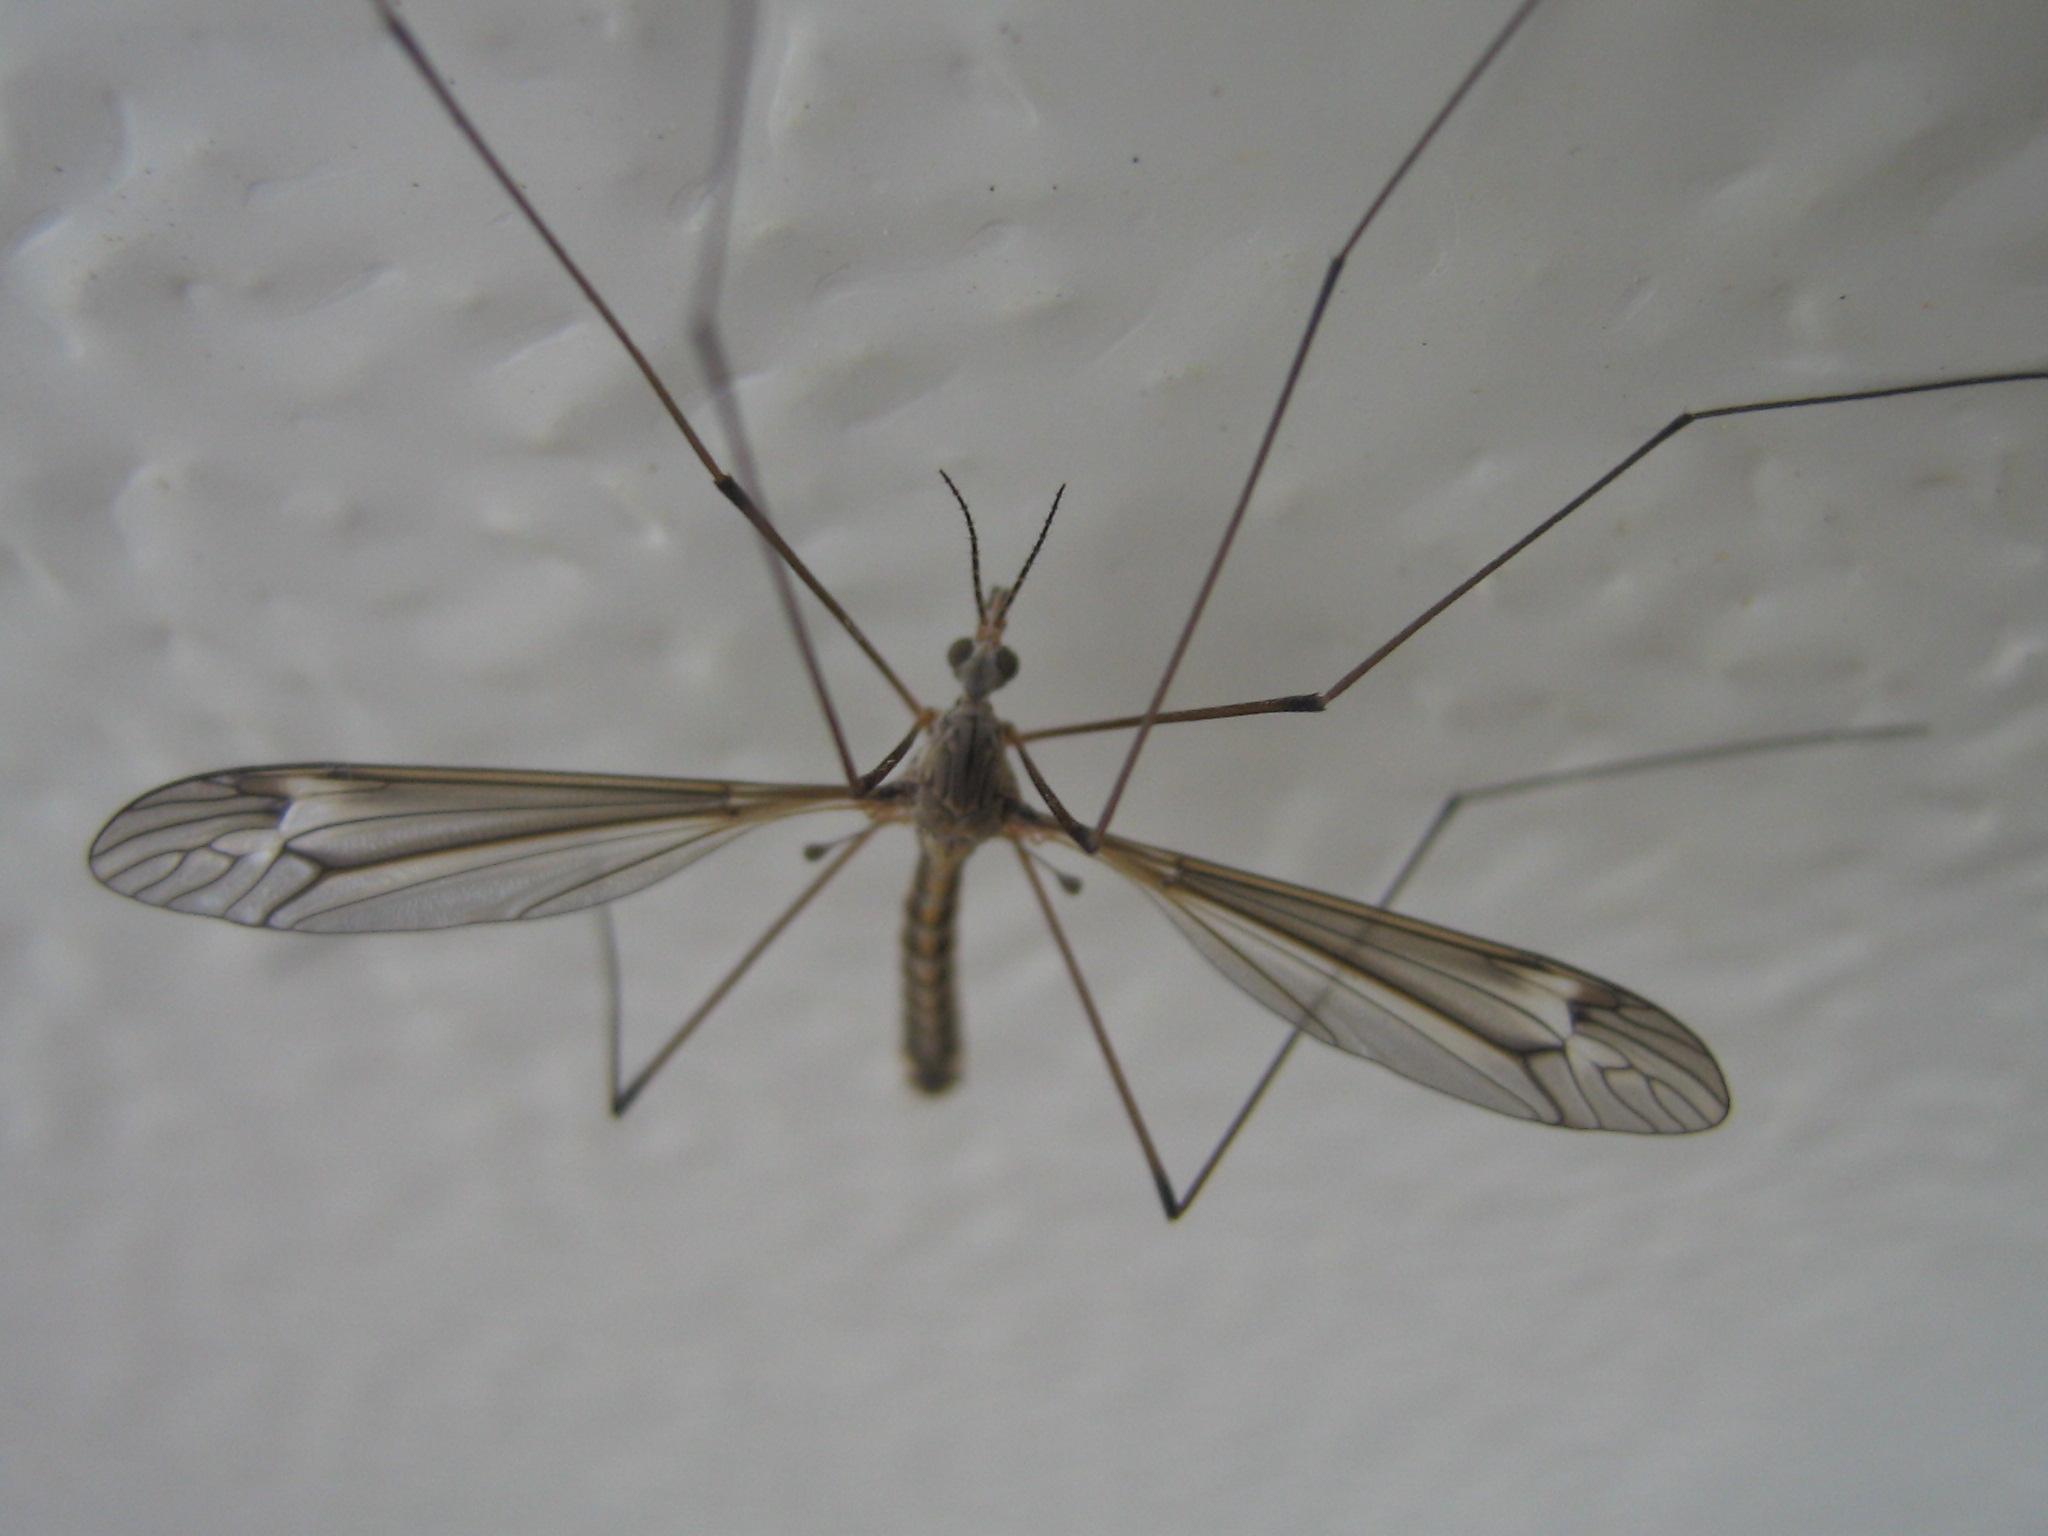 Mosquito de dimensiones bíblicas. | más manuti